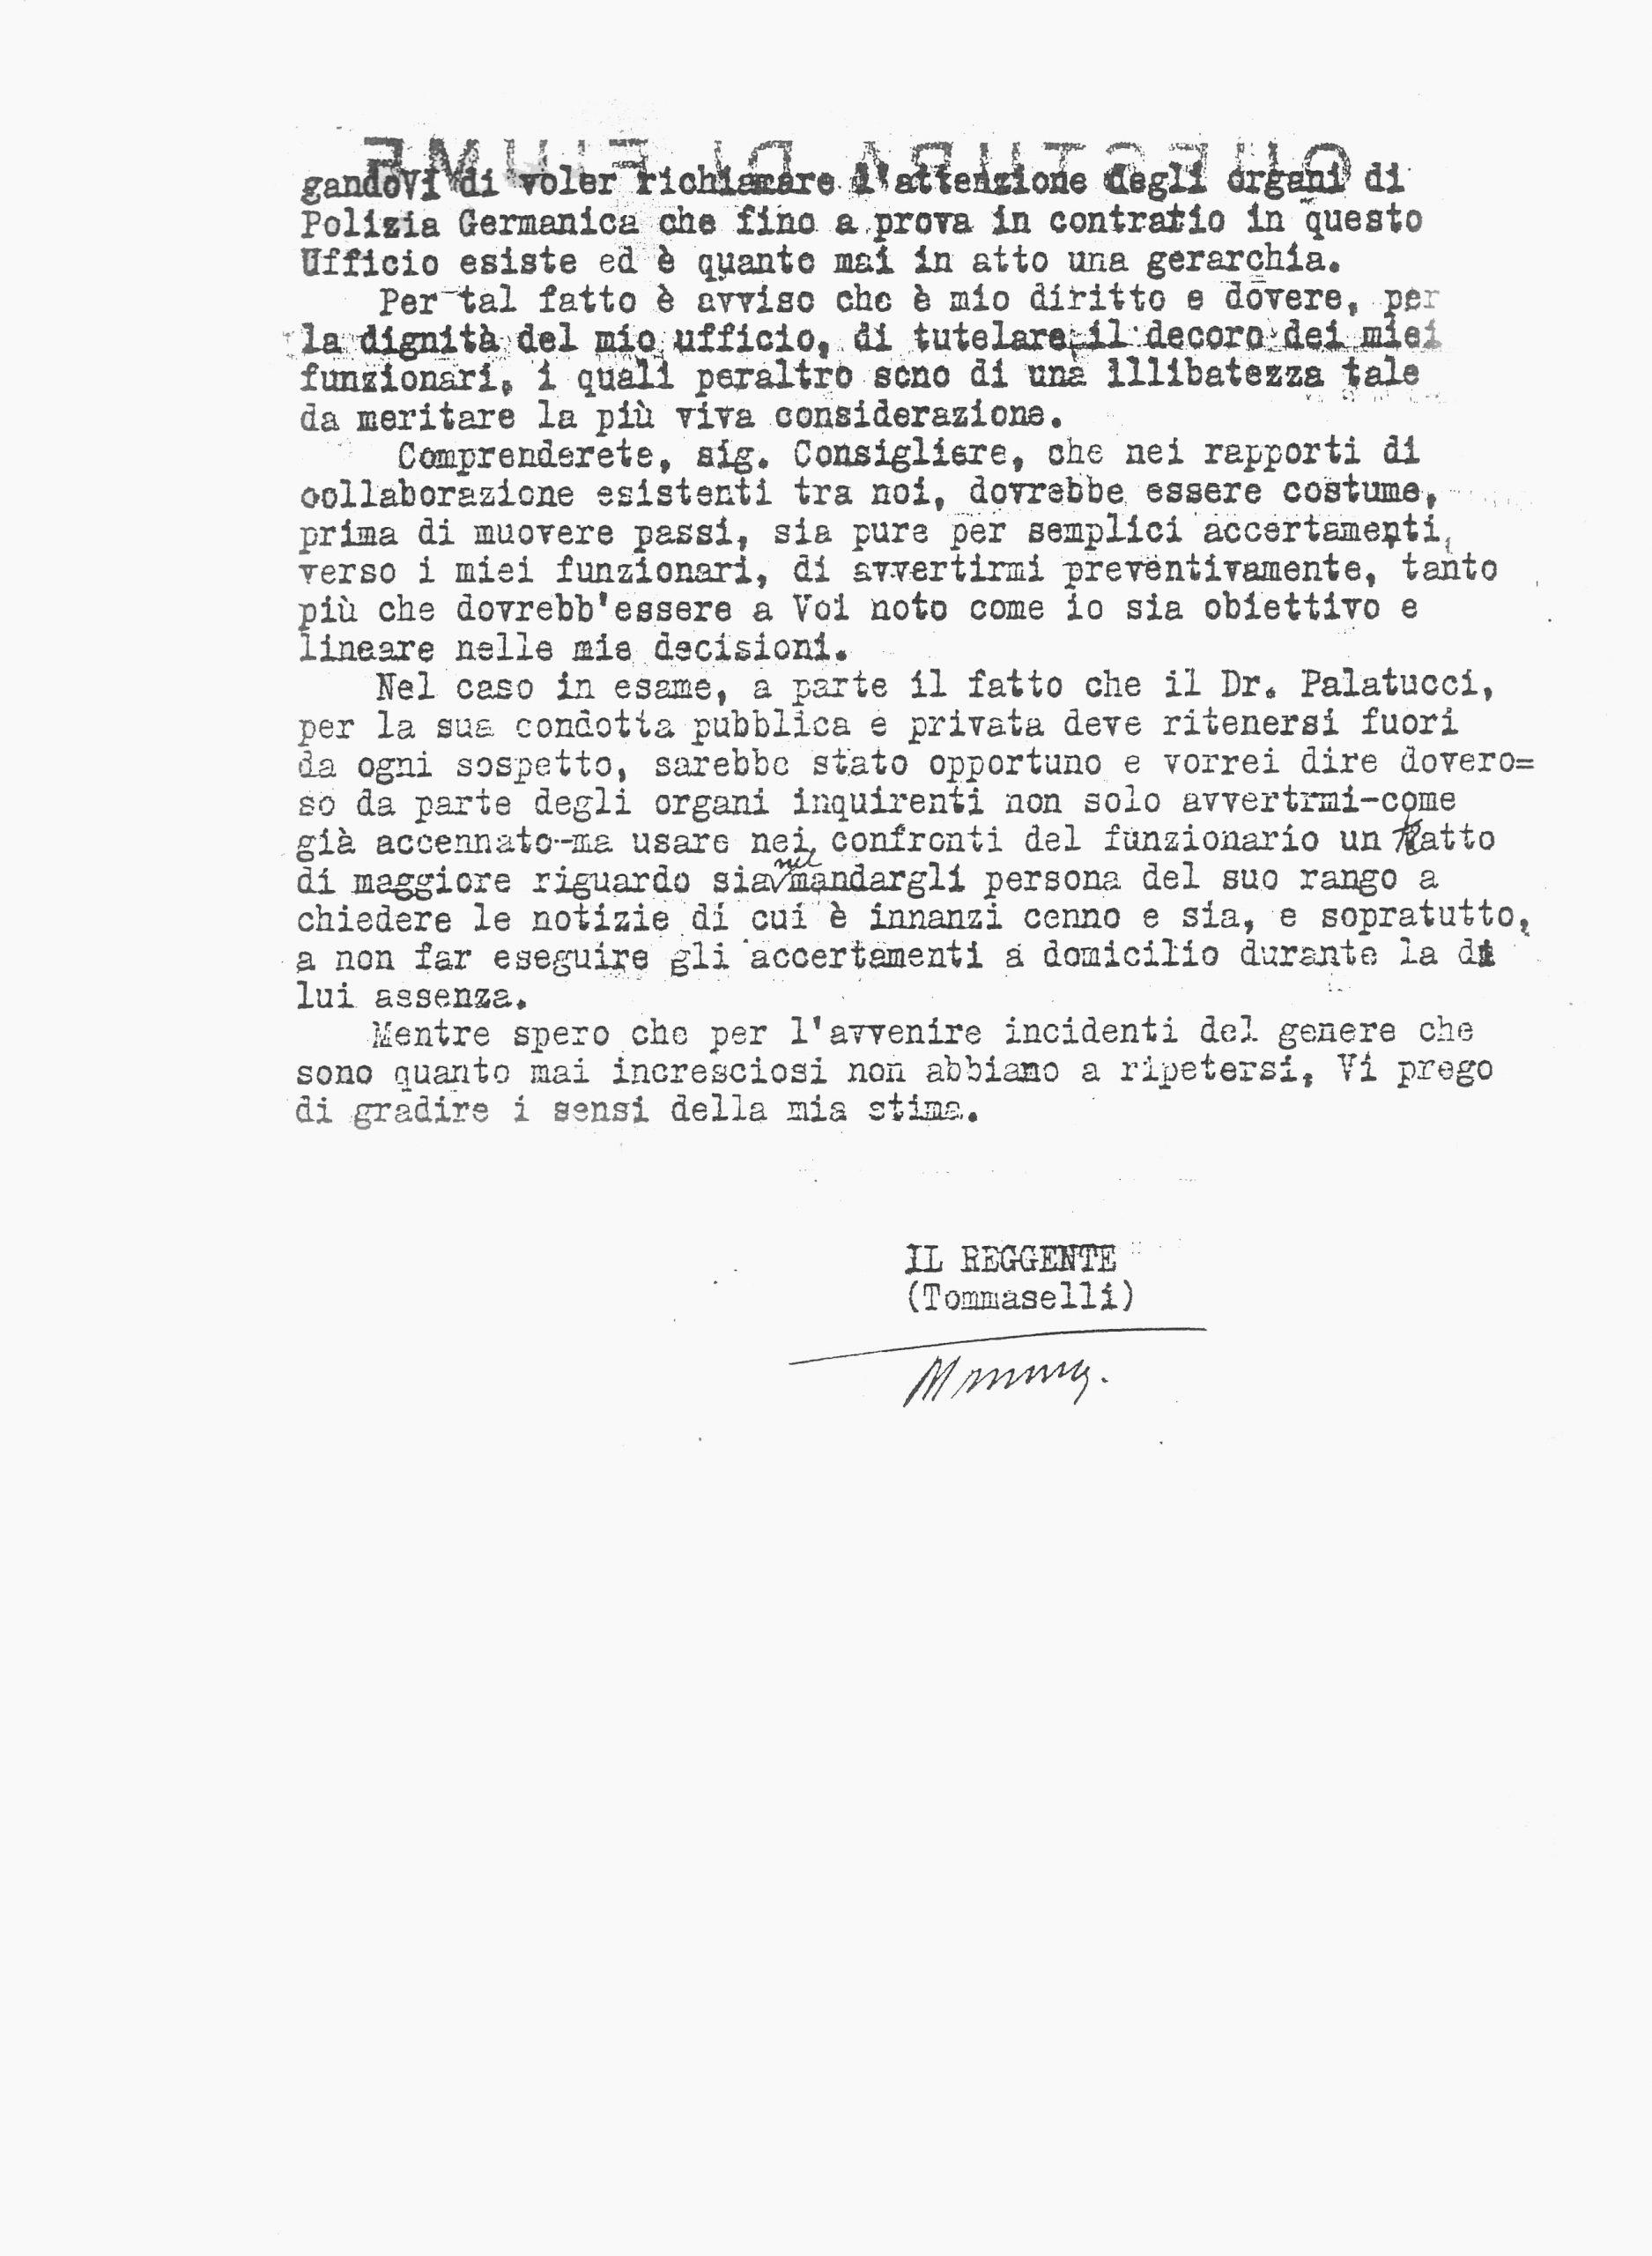 Lettera di raccomandazione per Giovanni Palatucci